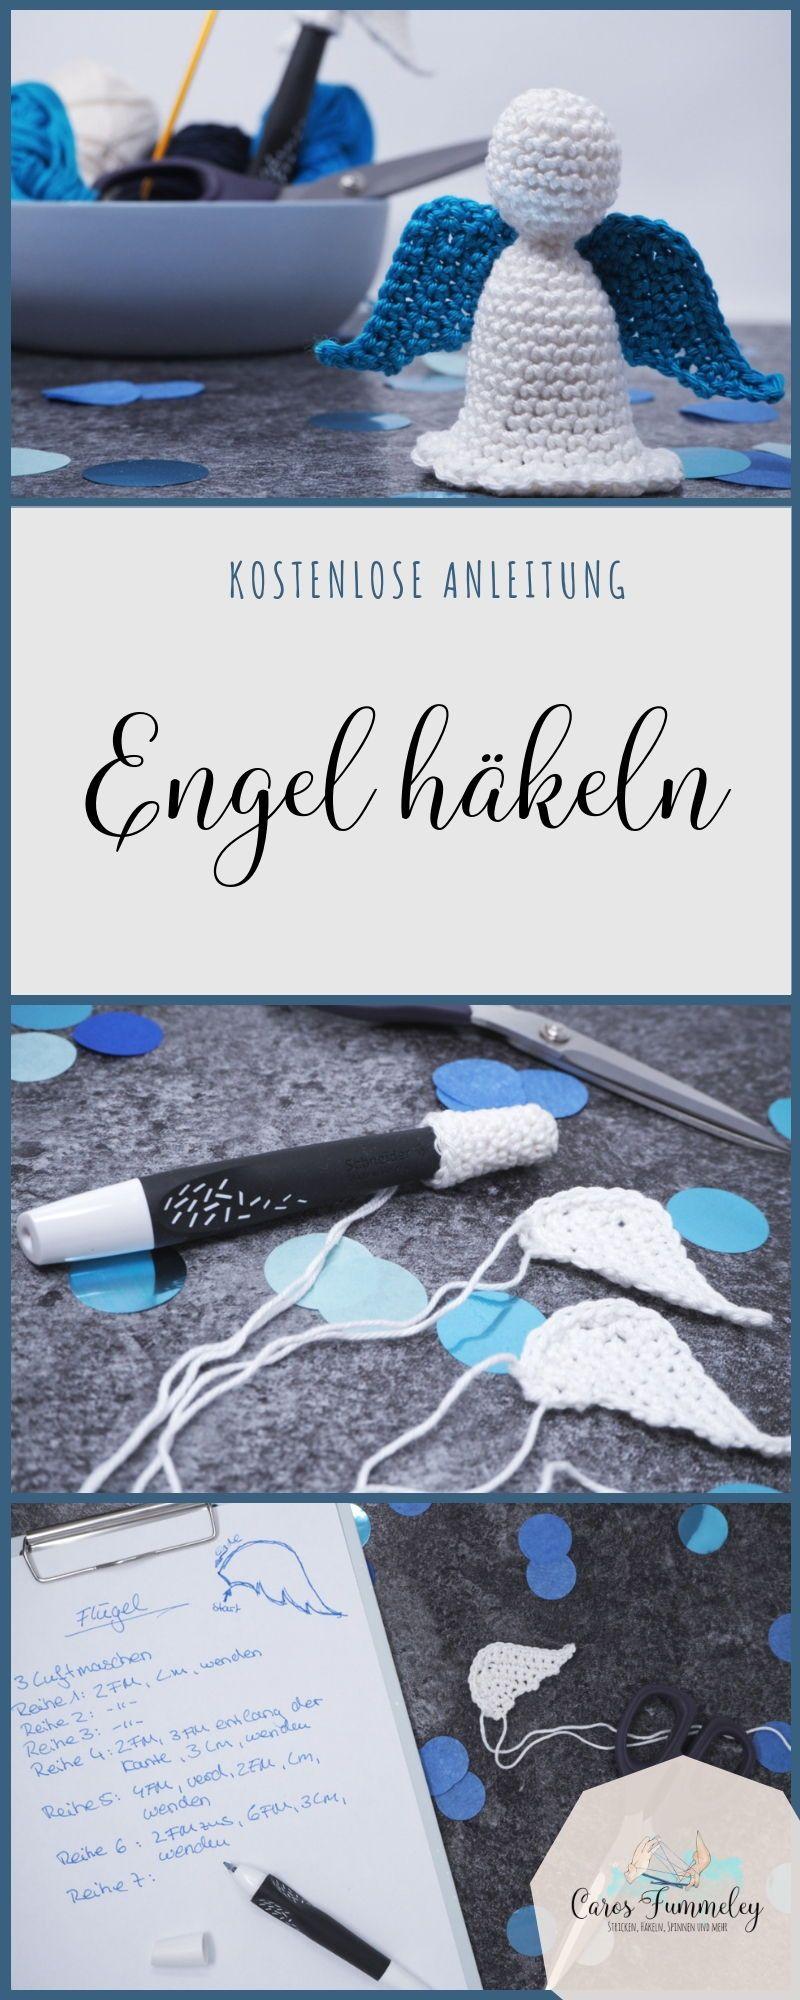 Anzeige: Engel häkeln für den Schneider Breeze - Kostenlose Anleitung #haken